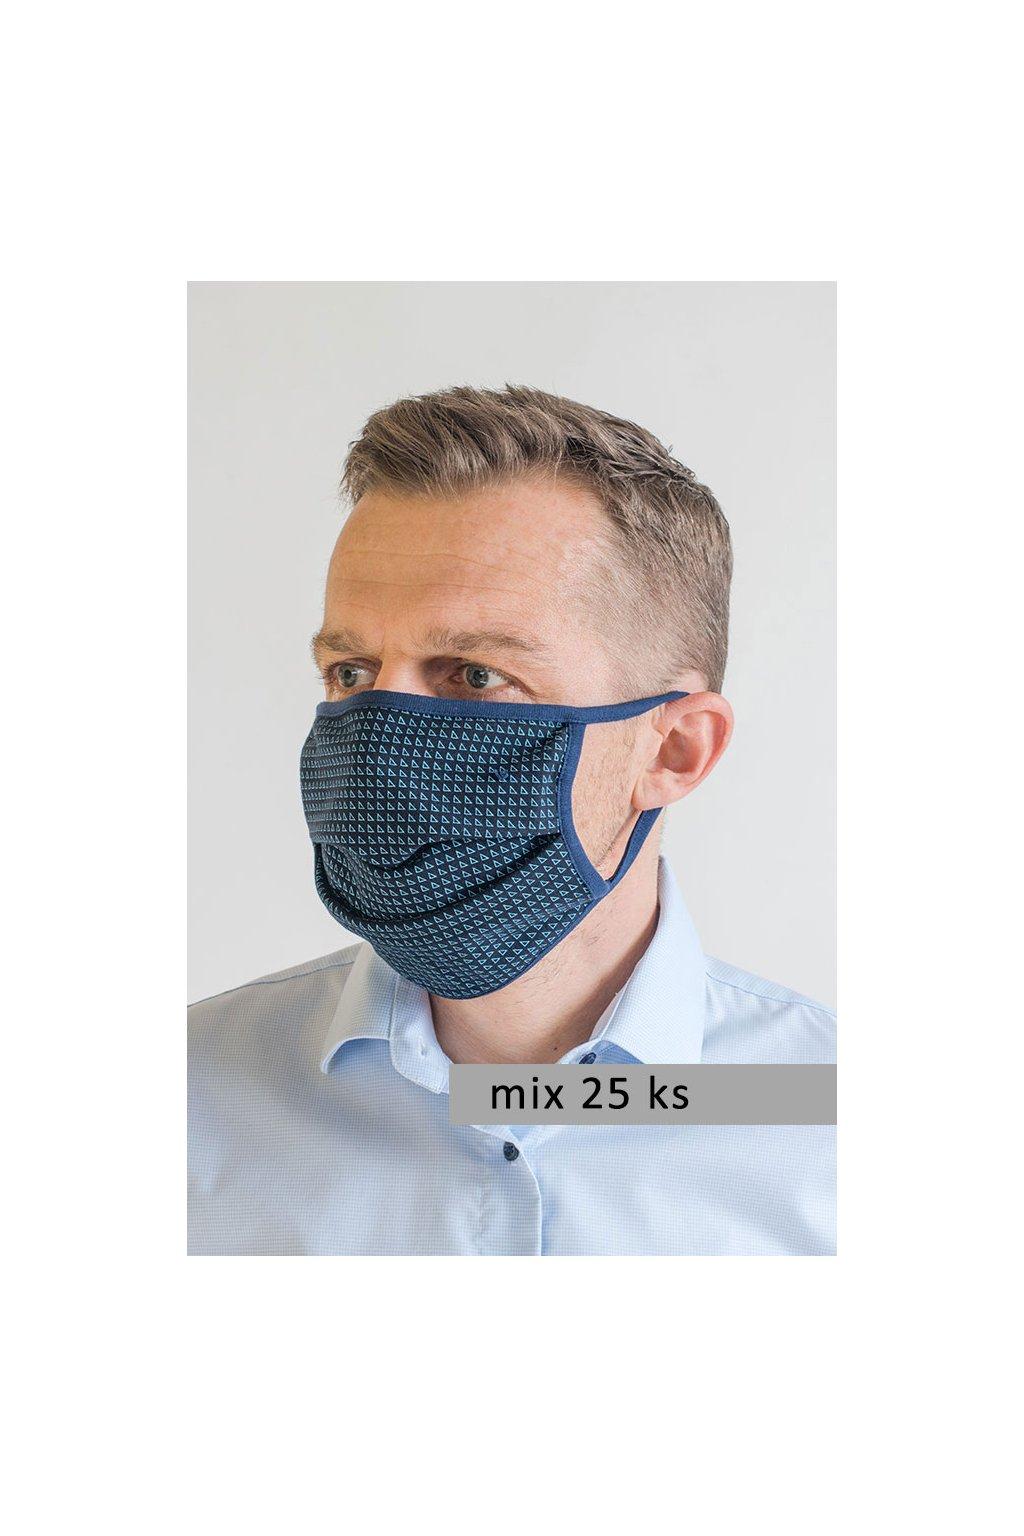 Pánská bavlněná úpletová rouška na ústa a nos dvouvrstvá model 793 - mix 25 ks, 794-99, Mix barev